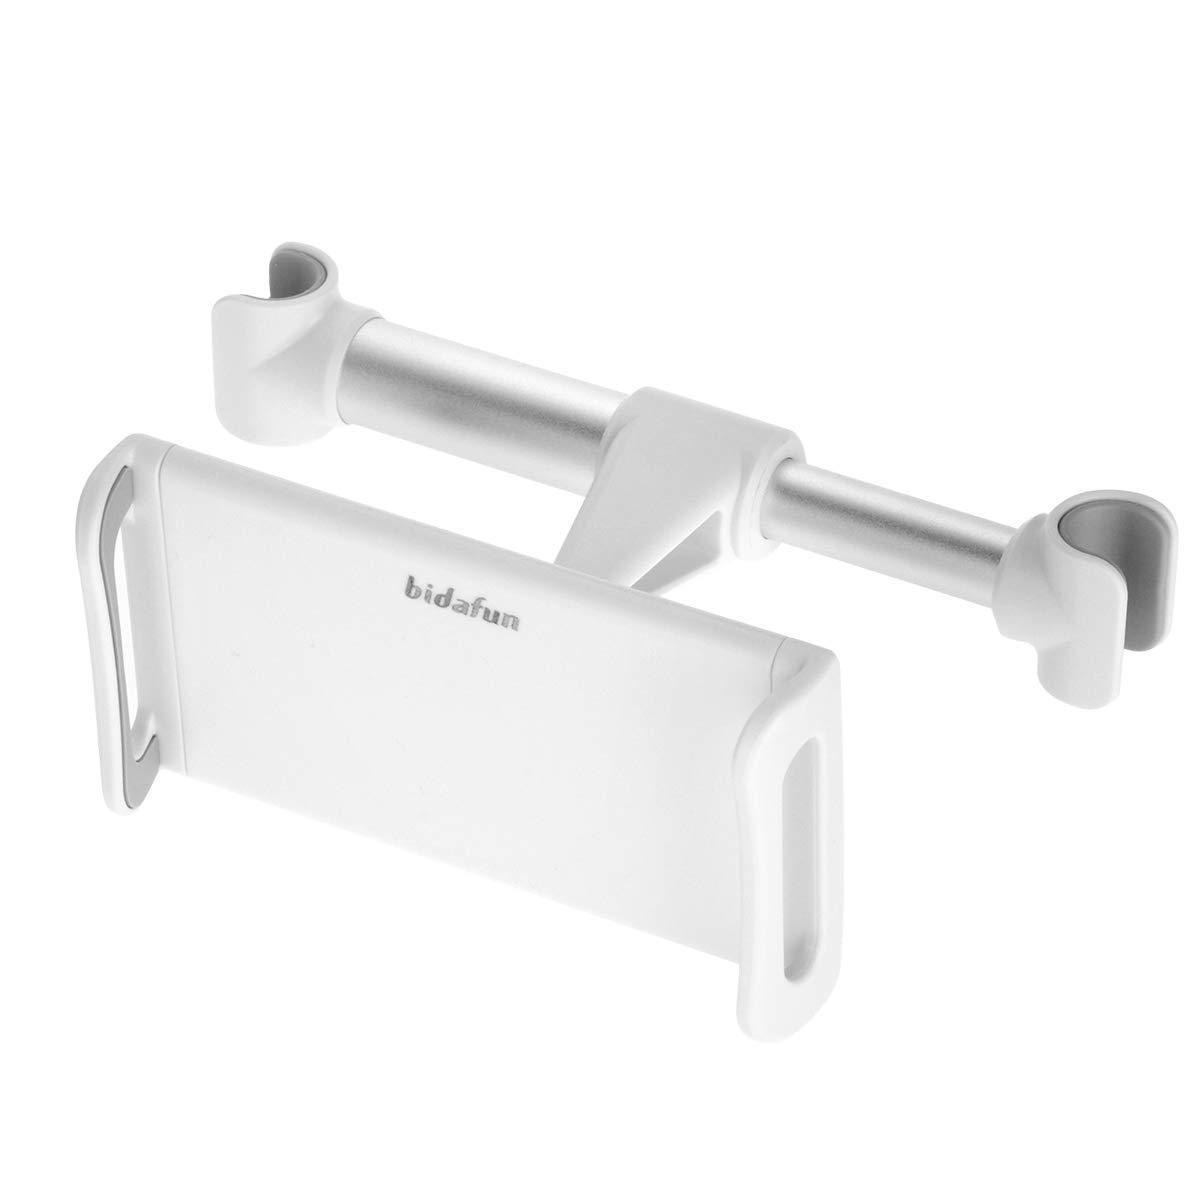 para Todos los tel/éfonos m/óviles y tabletas de 4 a 8,2 Pulgadas Compatible con Tablet bidafun Soporte para reposacabezas de Coche Color Blanco Soporte para Asiento de Coche